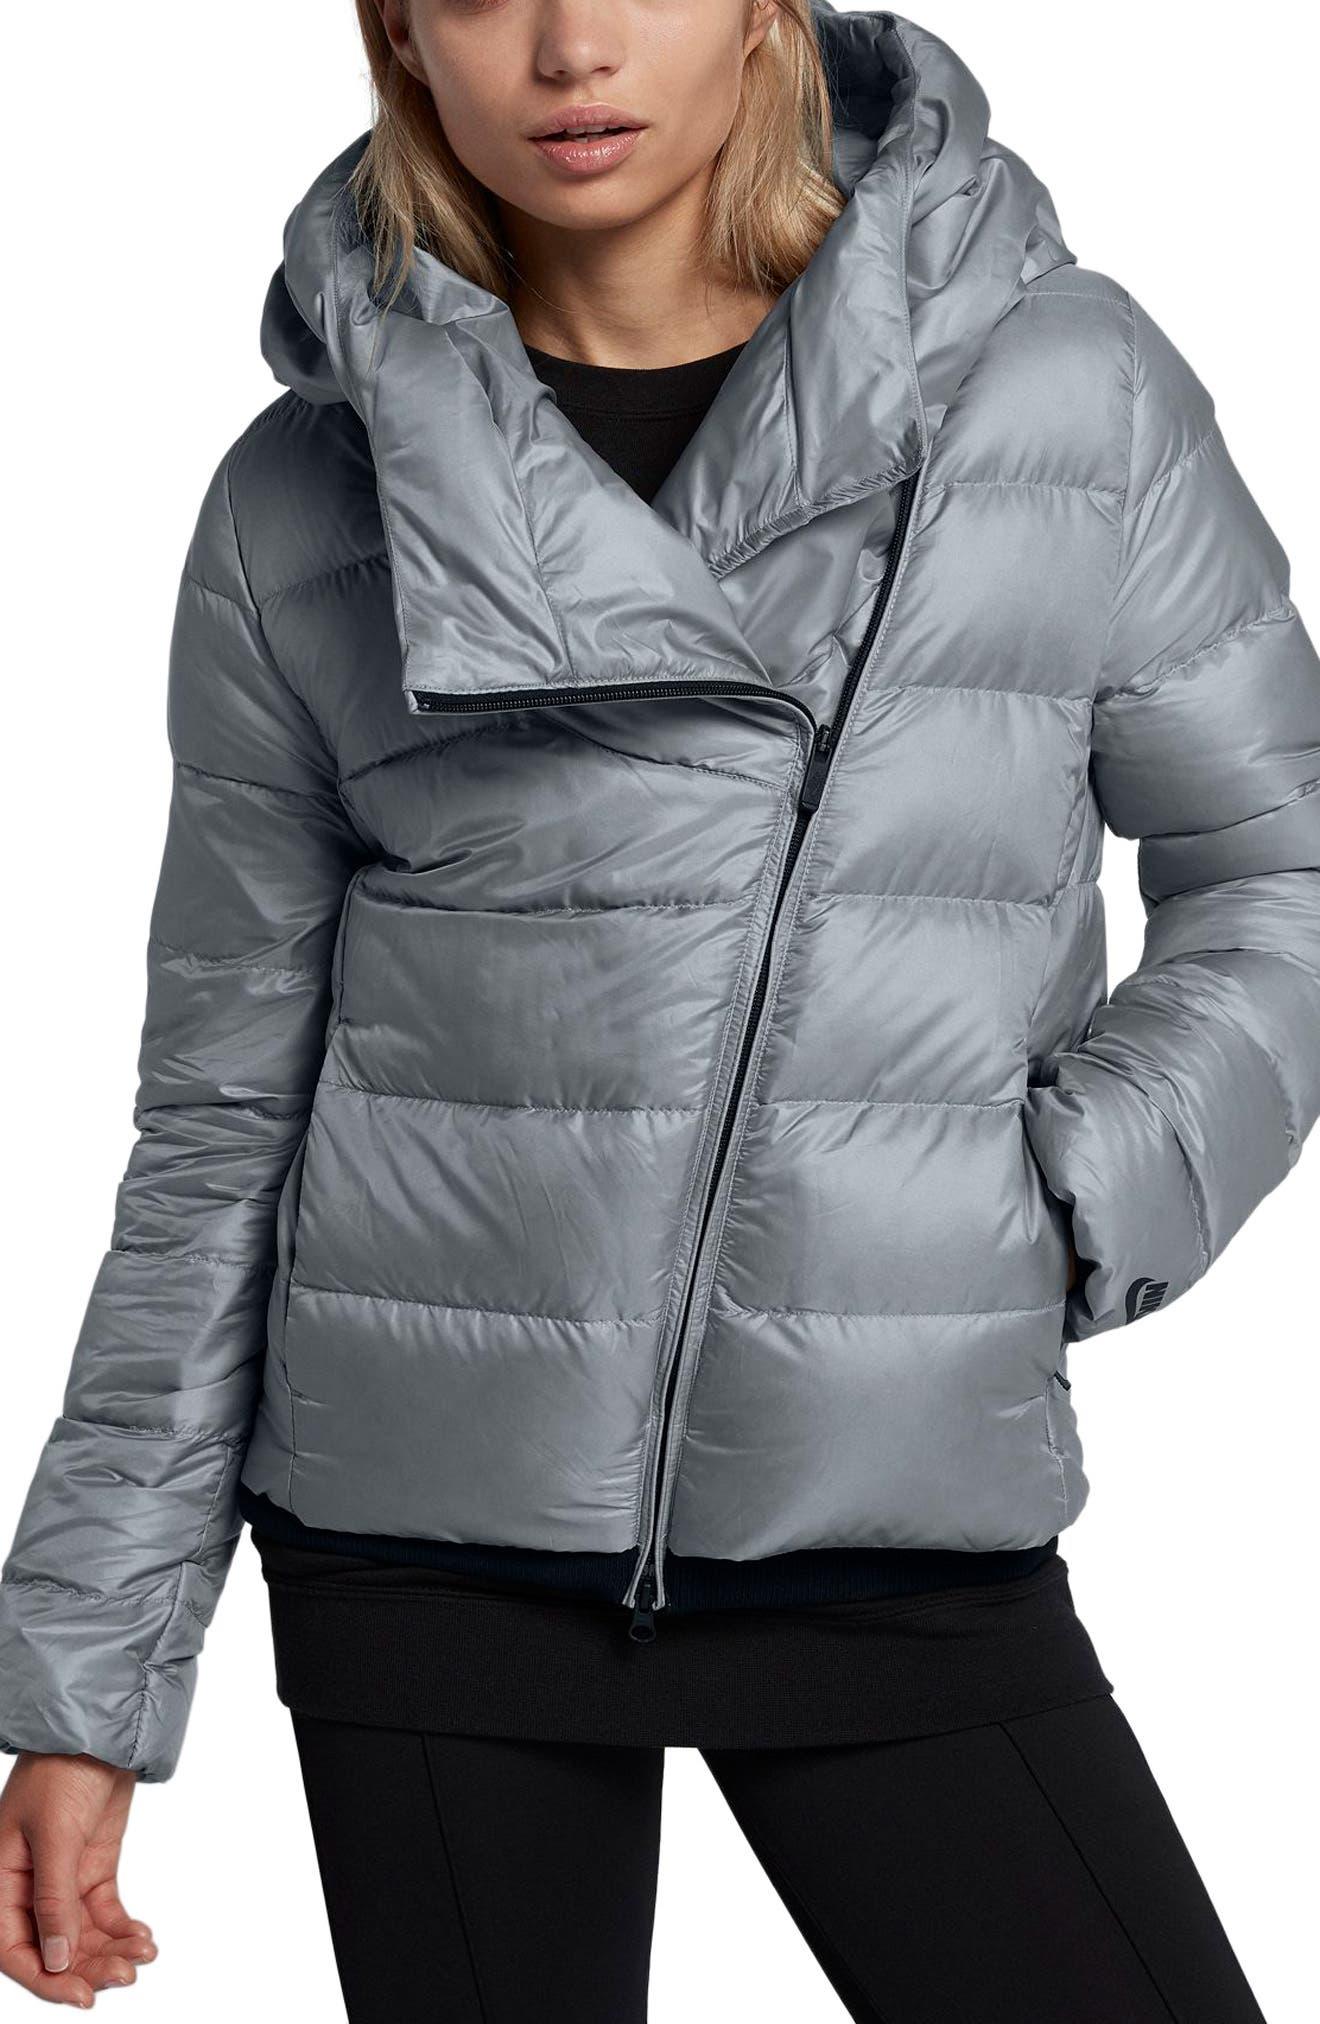 Sportswear Women's Hooded Down Jacket,                         Main,                         color, Cool Grey/ Black/ Black